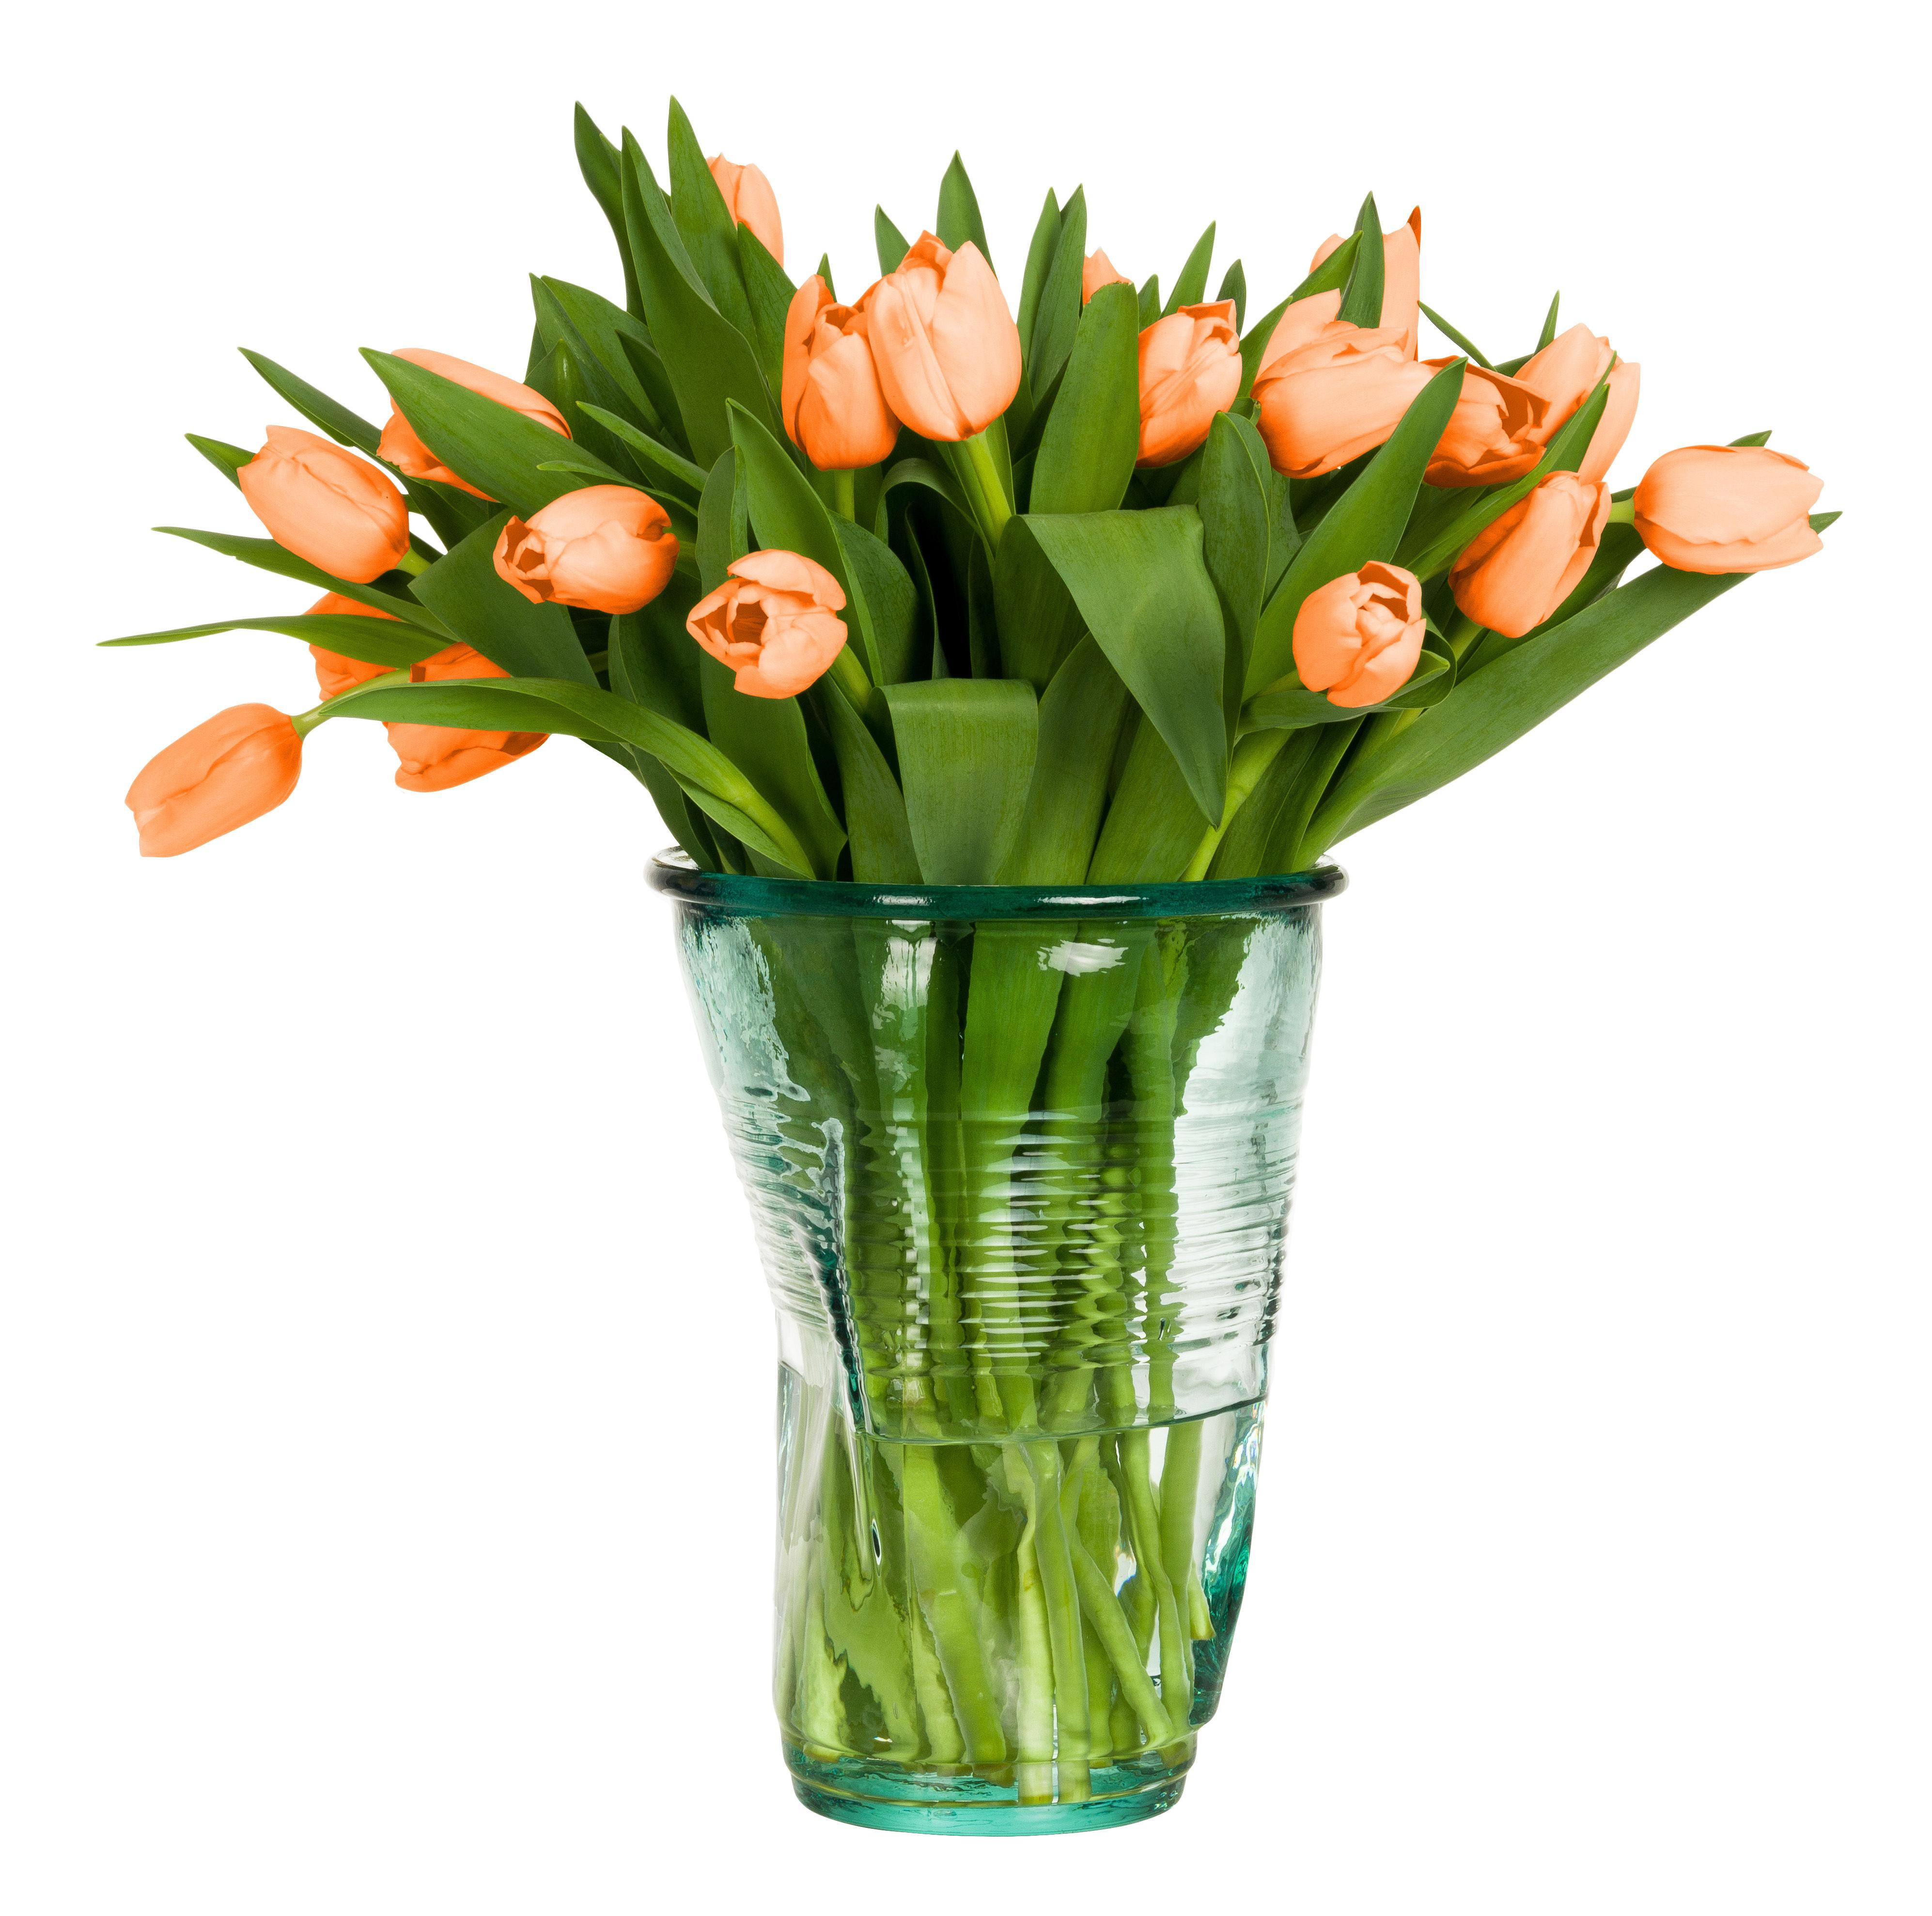 Déco - Vases - Seau à champagne / Vase en verre froissé - Rob Brandt - Pop Corn - Transparent - Verre recyclé